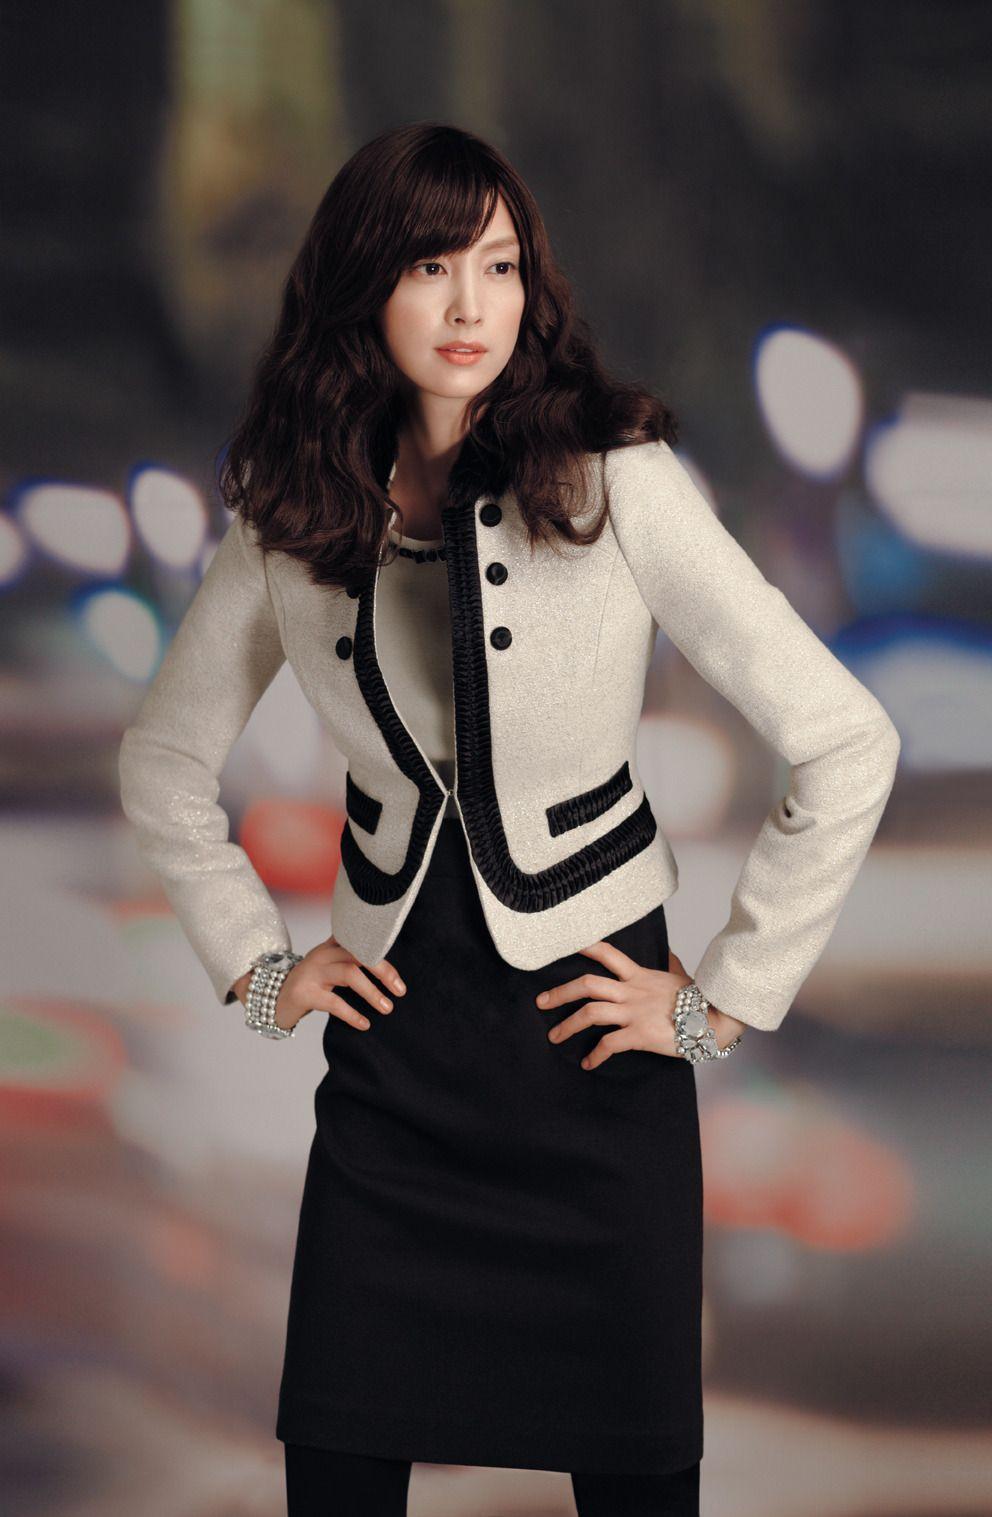 イ・ナヨンlee nayoung in 2019 Korean actresses, Fashion